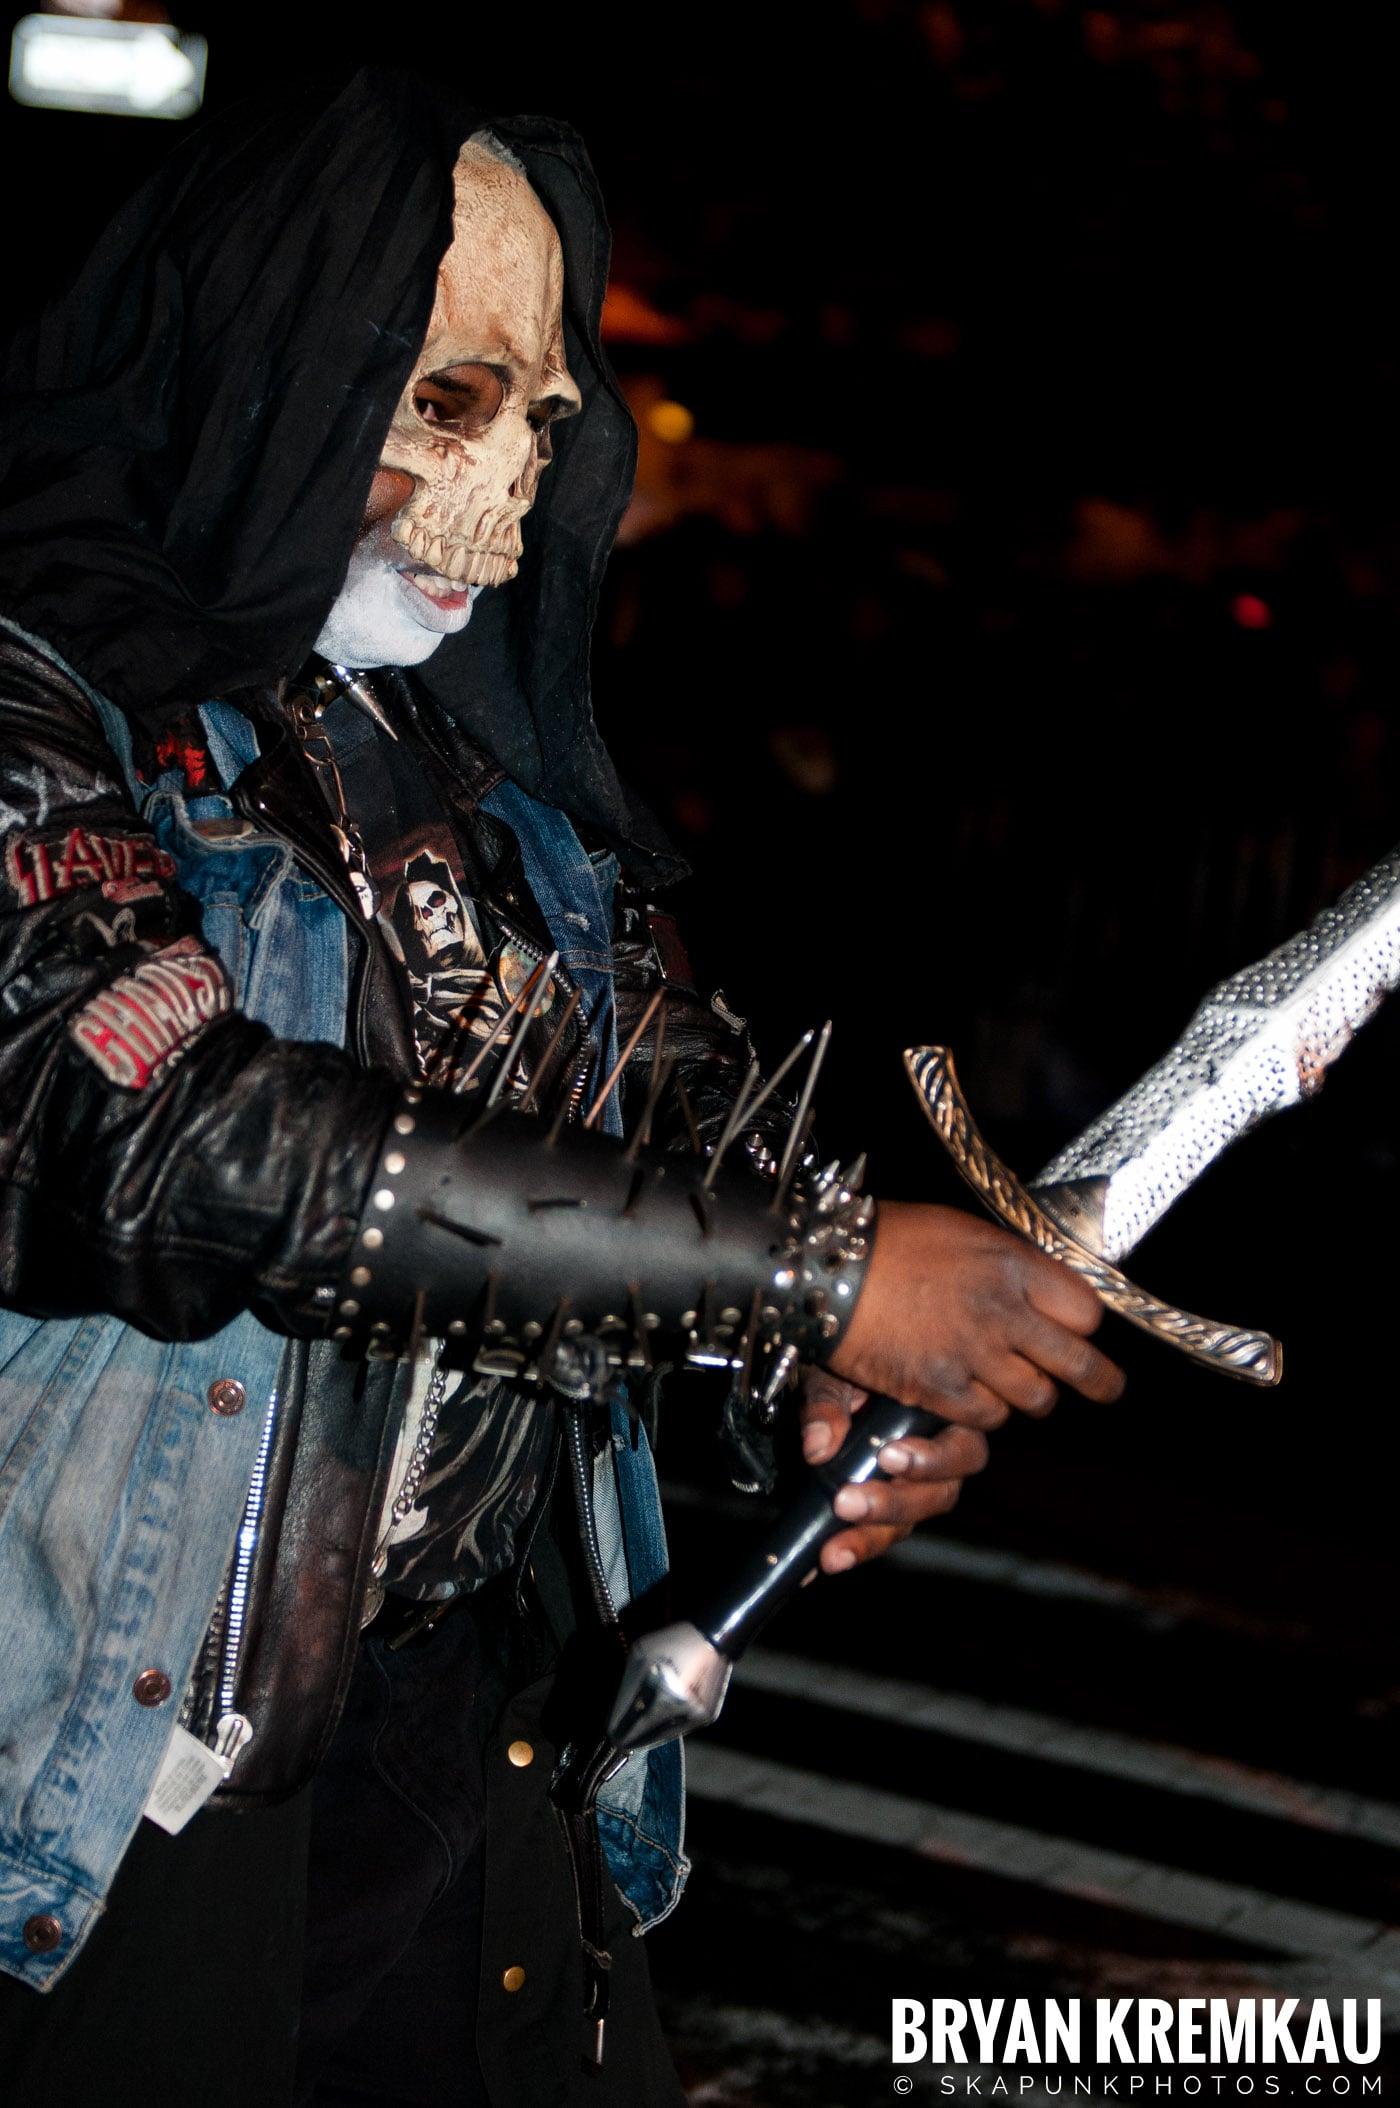 NYC Halloween Parade 2011 @ New York, NY - 10.31.11 (52)